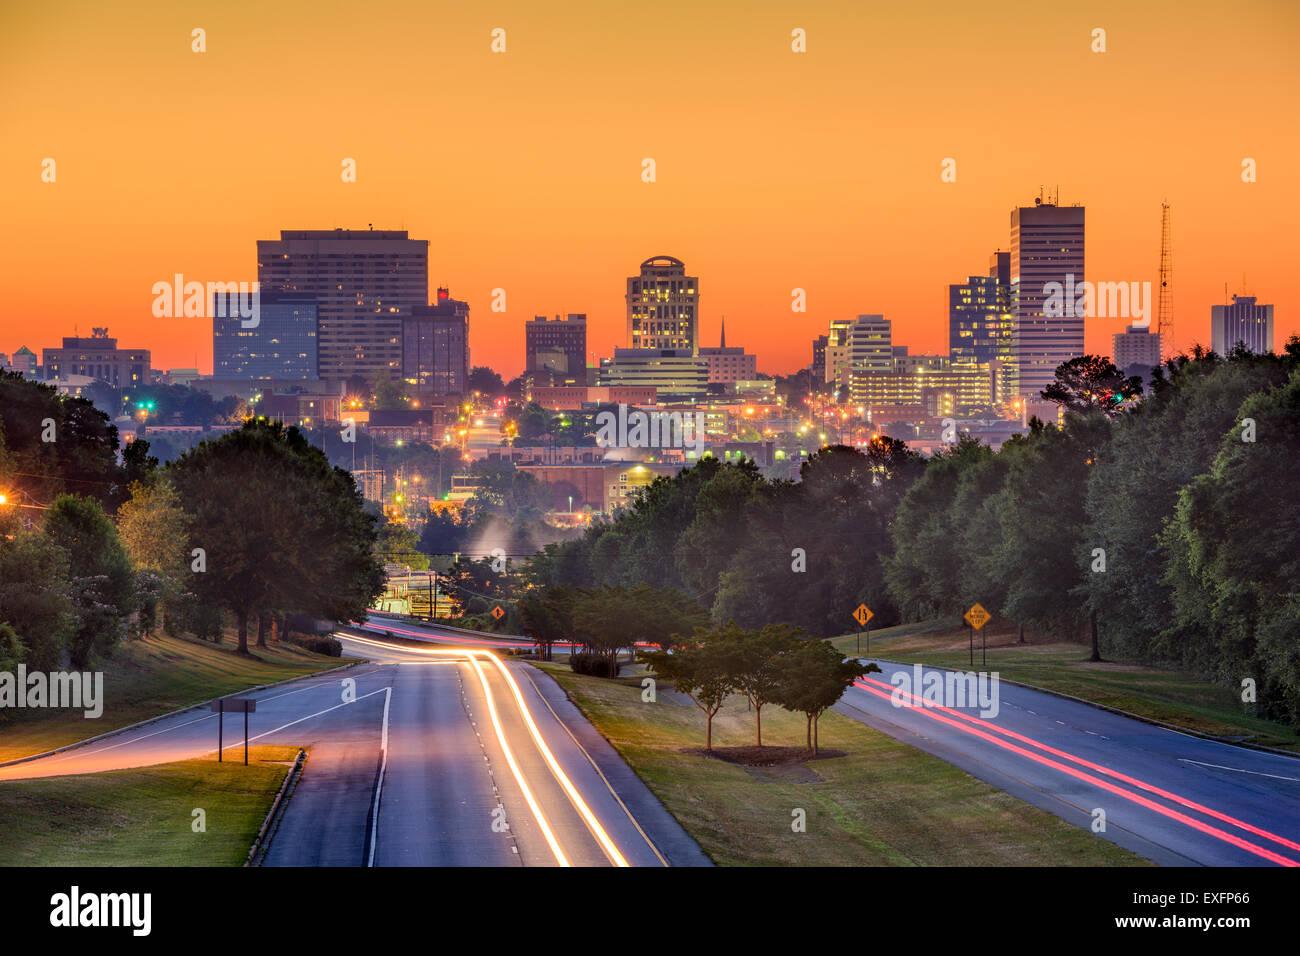 Skyline du centre-ville de Columbia, Caroline du Sud d'en haut Jarvis Klapman Blvd. Photo Stock